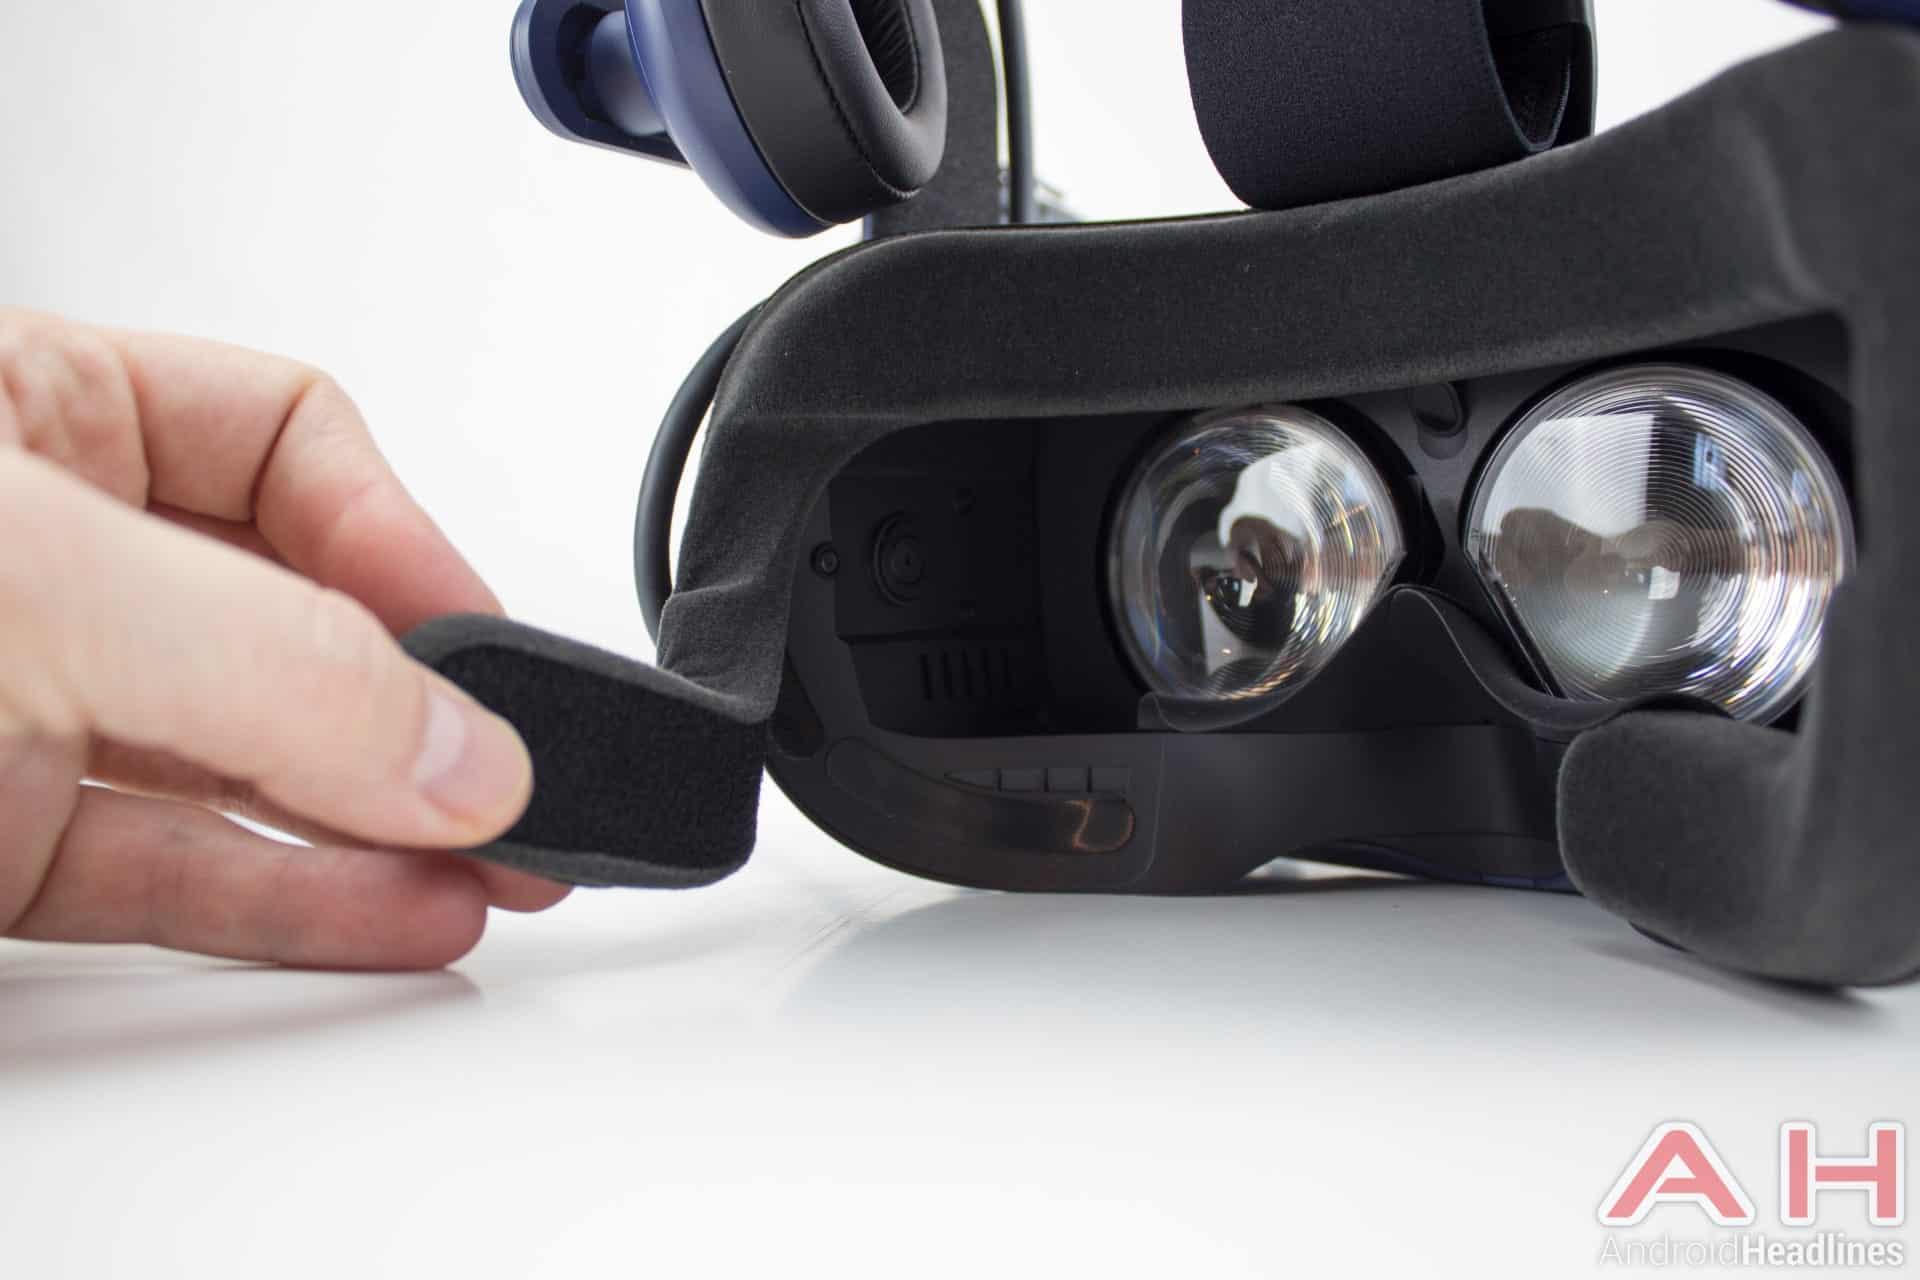 HTC Vive Pro AH NS 17 clean pads lenses